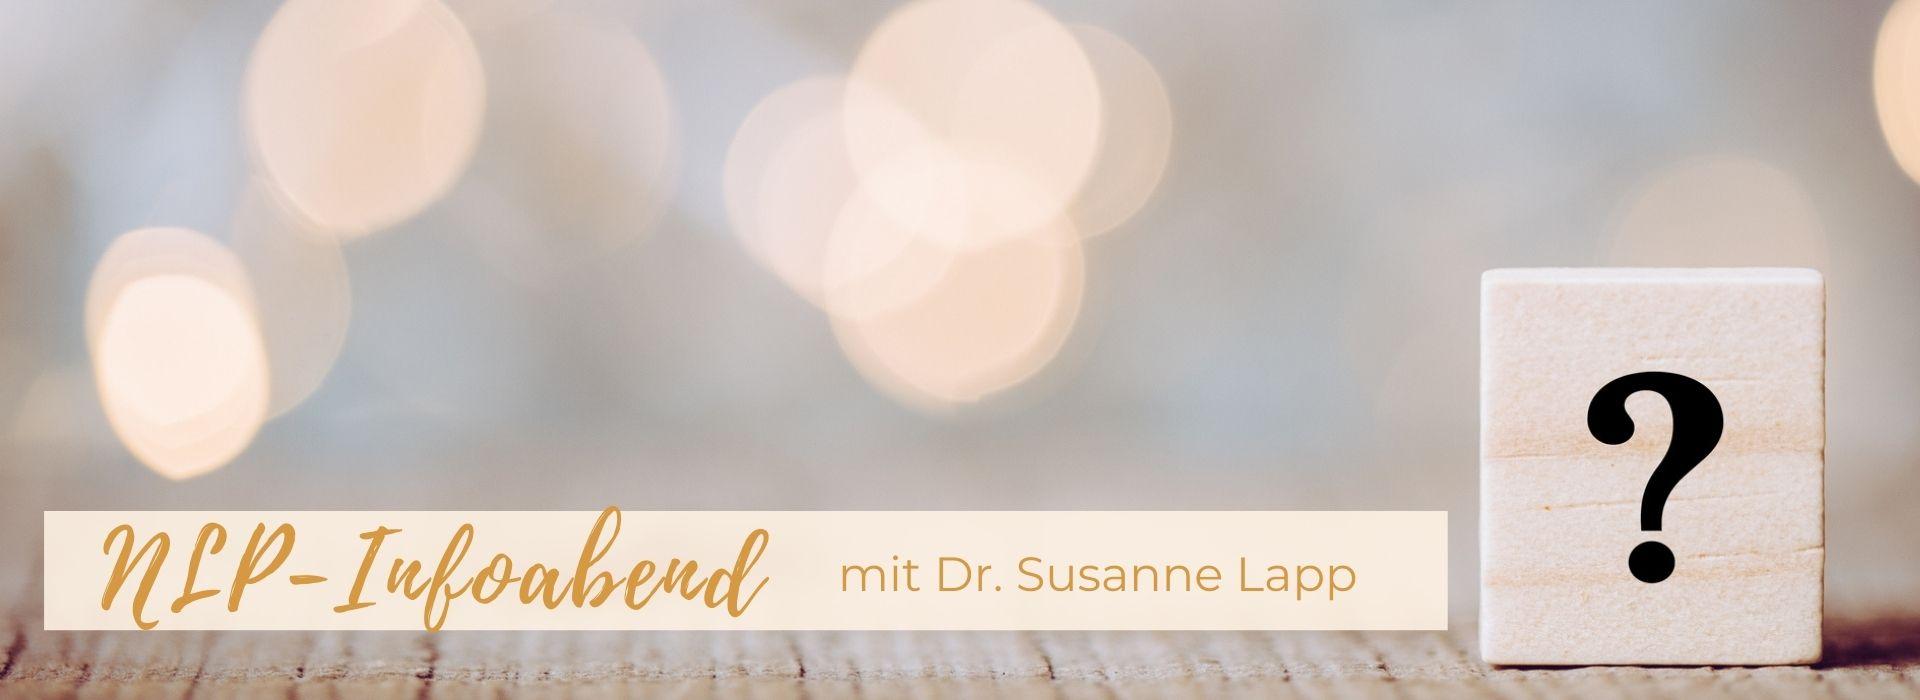 Online-Info-Abend Systemische Ausbildung zum NLP-Practitioner-/Coach 2021 - 10. März '21